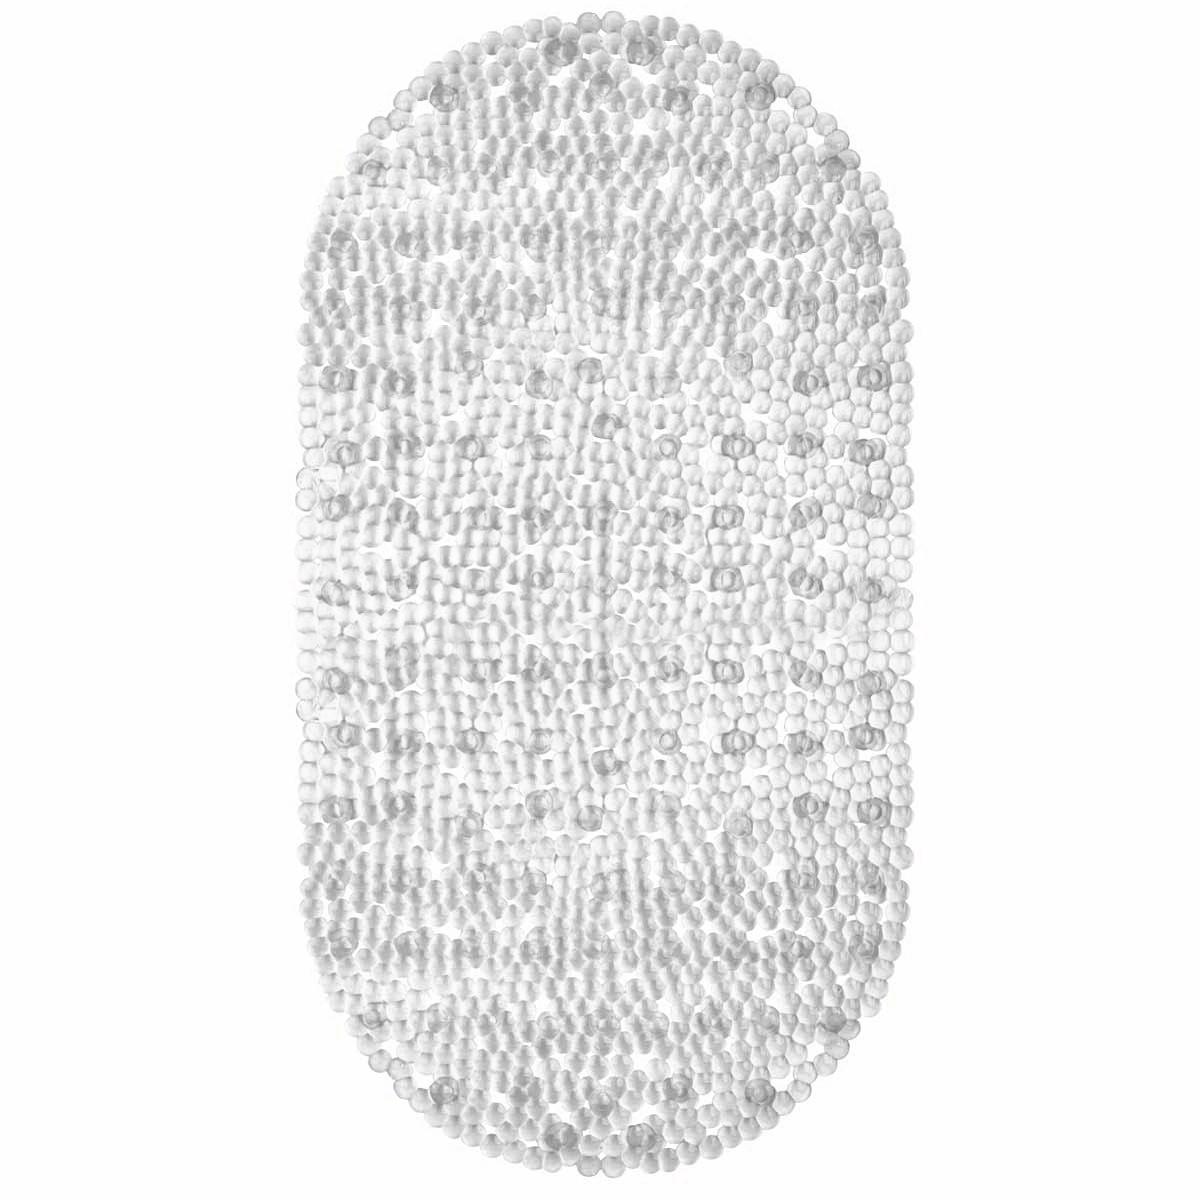 Коврик для ванны Valiant White Pearls, противоскользящий, 69 см х 39 смN6939-WPКоврик для ванны Valiant White Pearls выполнен из 100% винила. Противоскользящий коврик - это хорошая защита детей и взрослых от неожиданных падений на гладкой мокрой поверхности. Коврик очень плотно крепится ко дну множеством присосок, расположенных по всей изнаночной стороне. Отверстия, предназначенные для пропуска воды, способствуют лучшему сцеплению с поверхностью, таким образом, исключая скольжение. Принимая душ или ванную, постелите противоскользящий коврик. Это особенно актуально для семьи с маленькими детьми и пожилыми людьми.